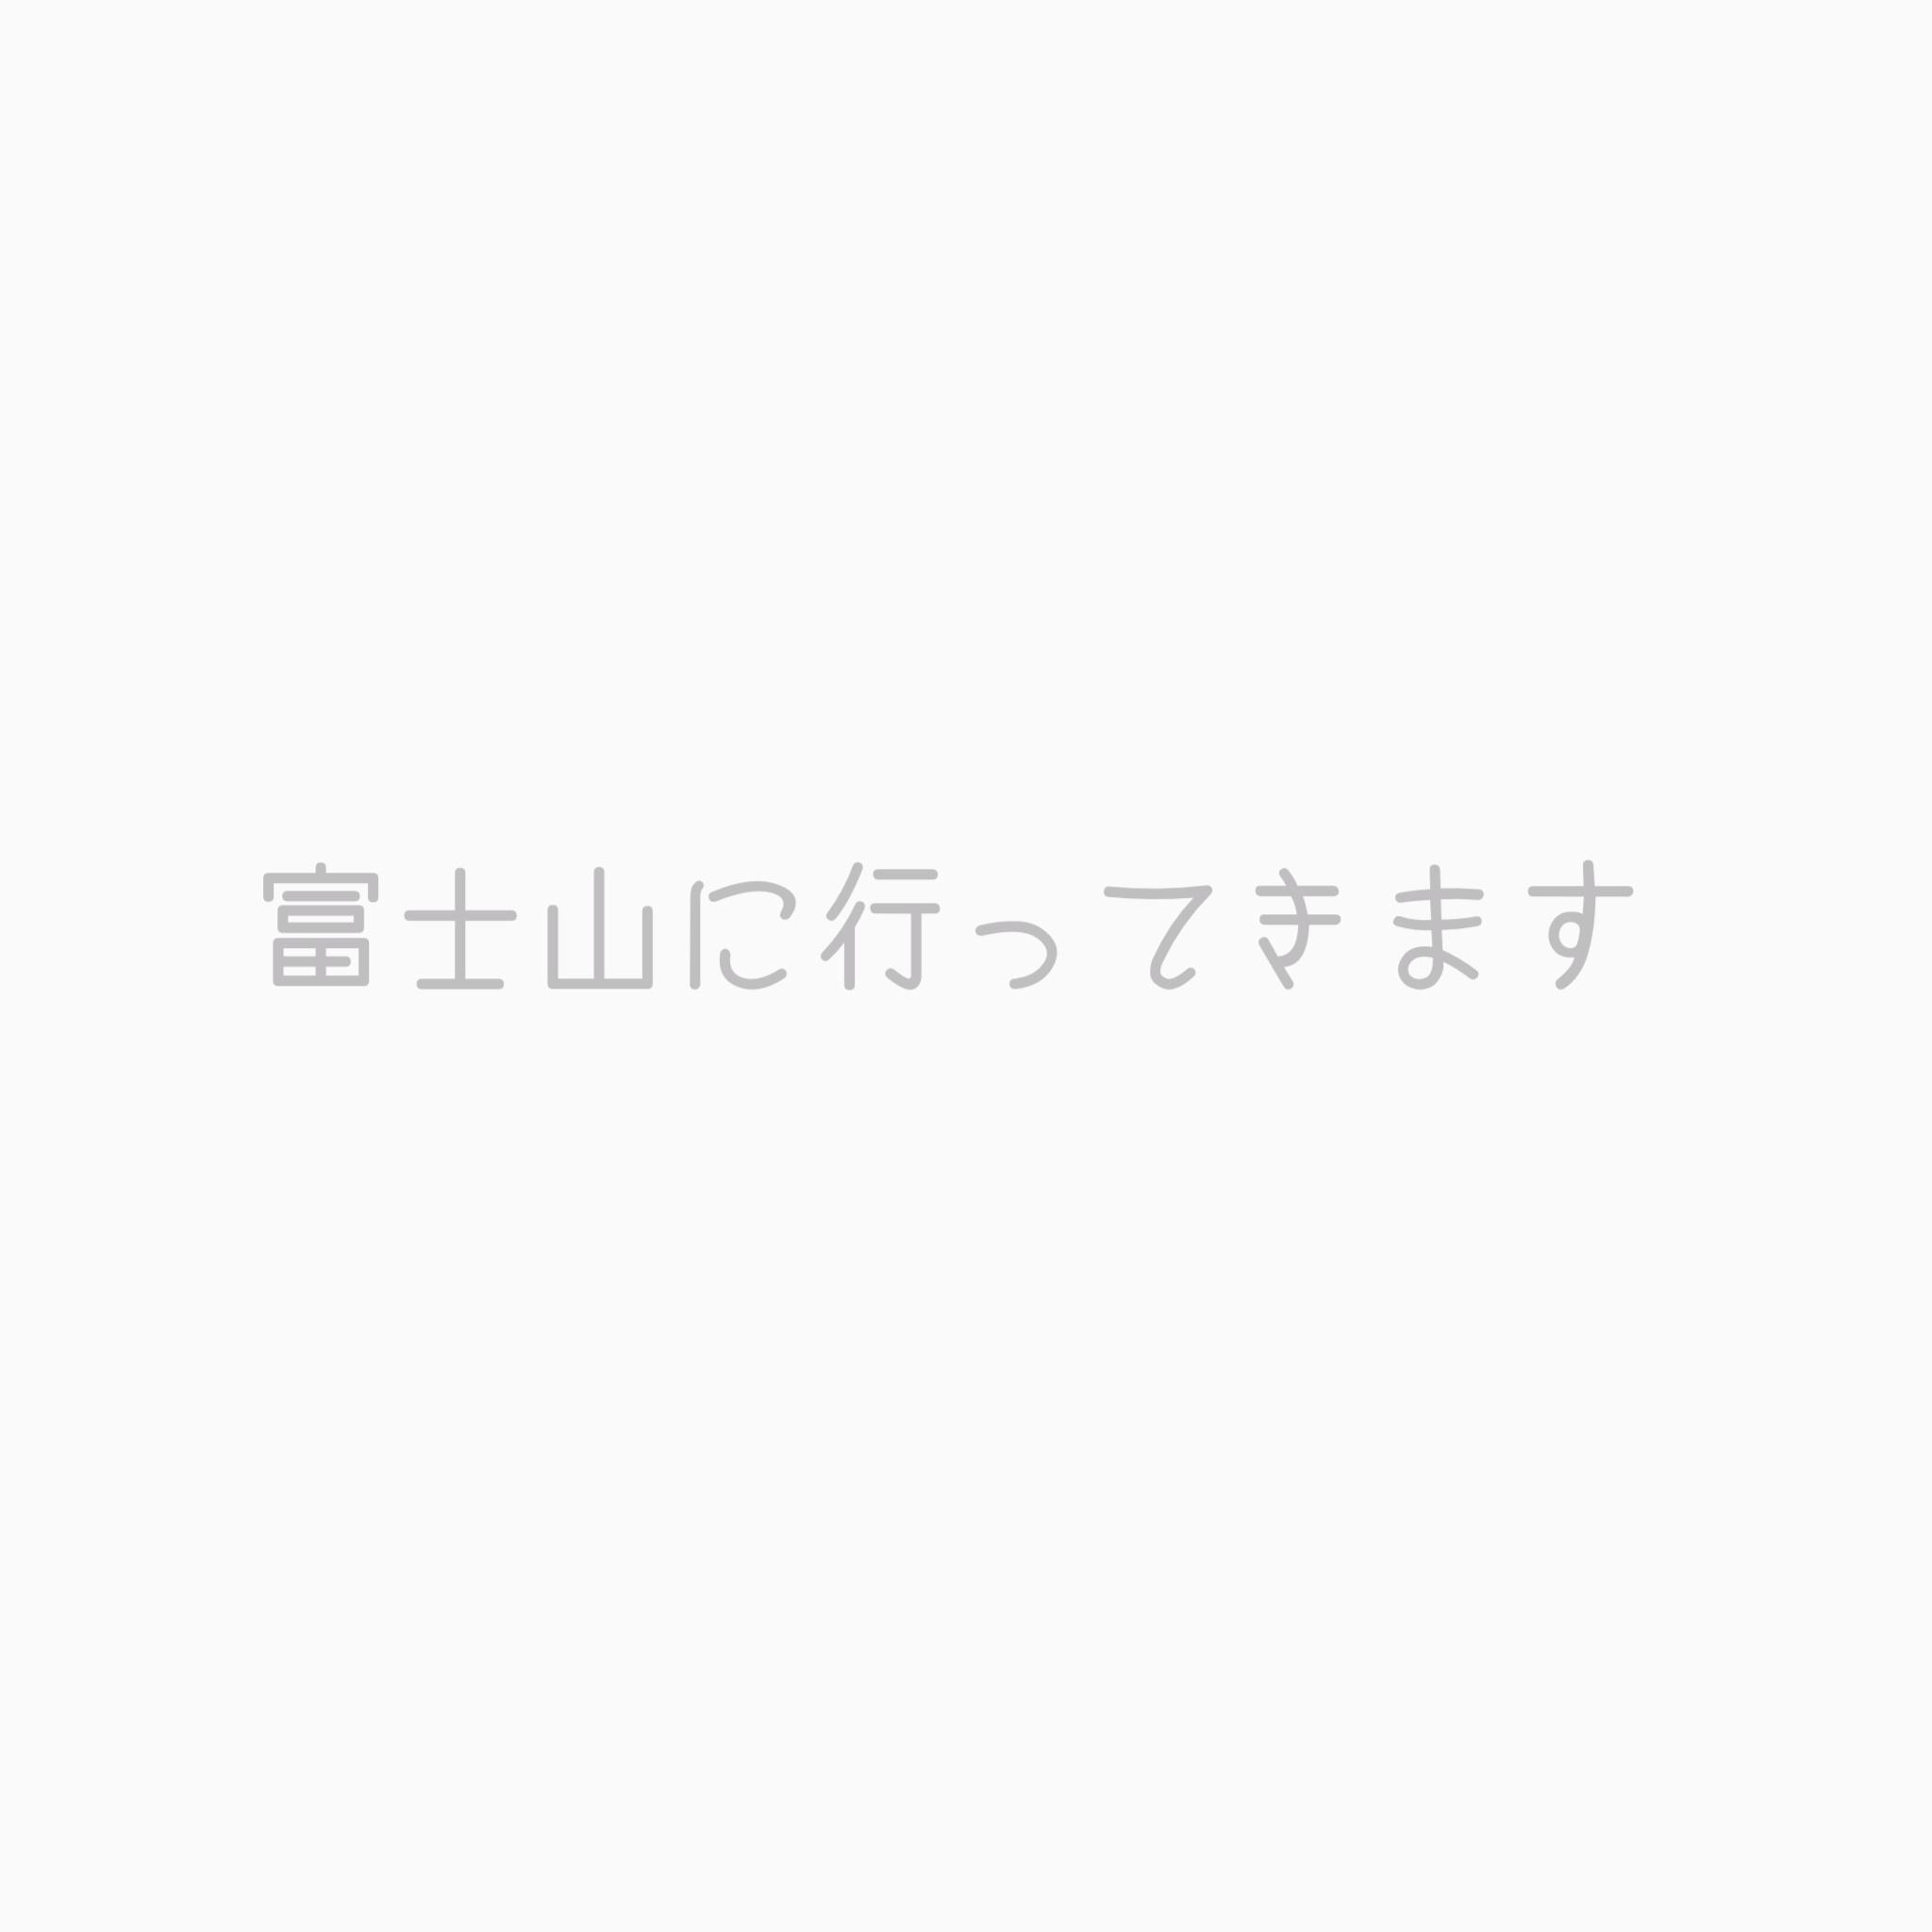 トレイルランニングに挑戦 その4 富士登山_c0222817_07423387.jpg